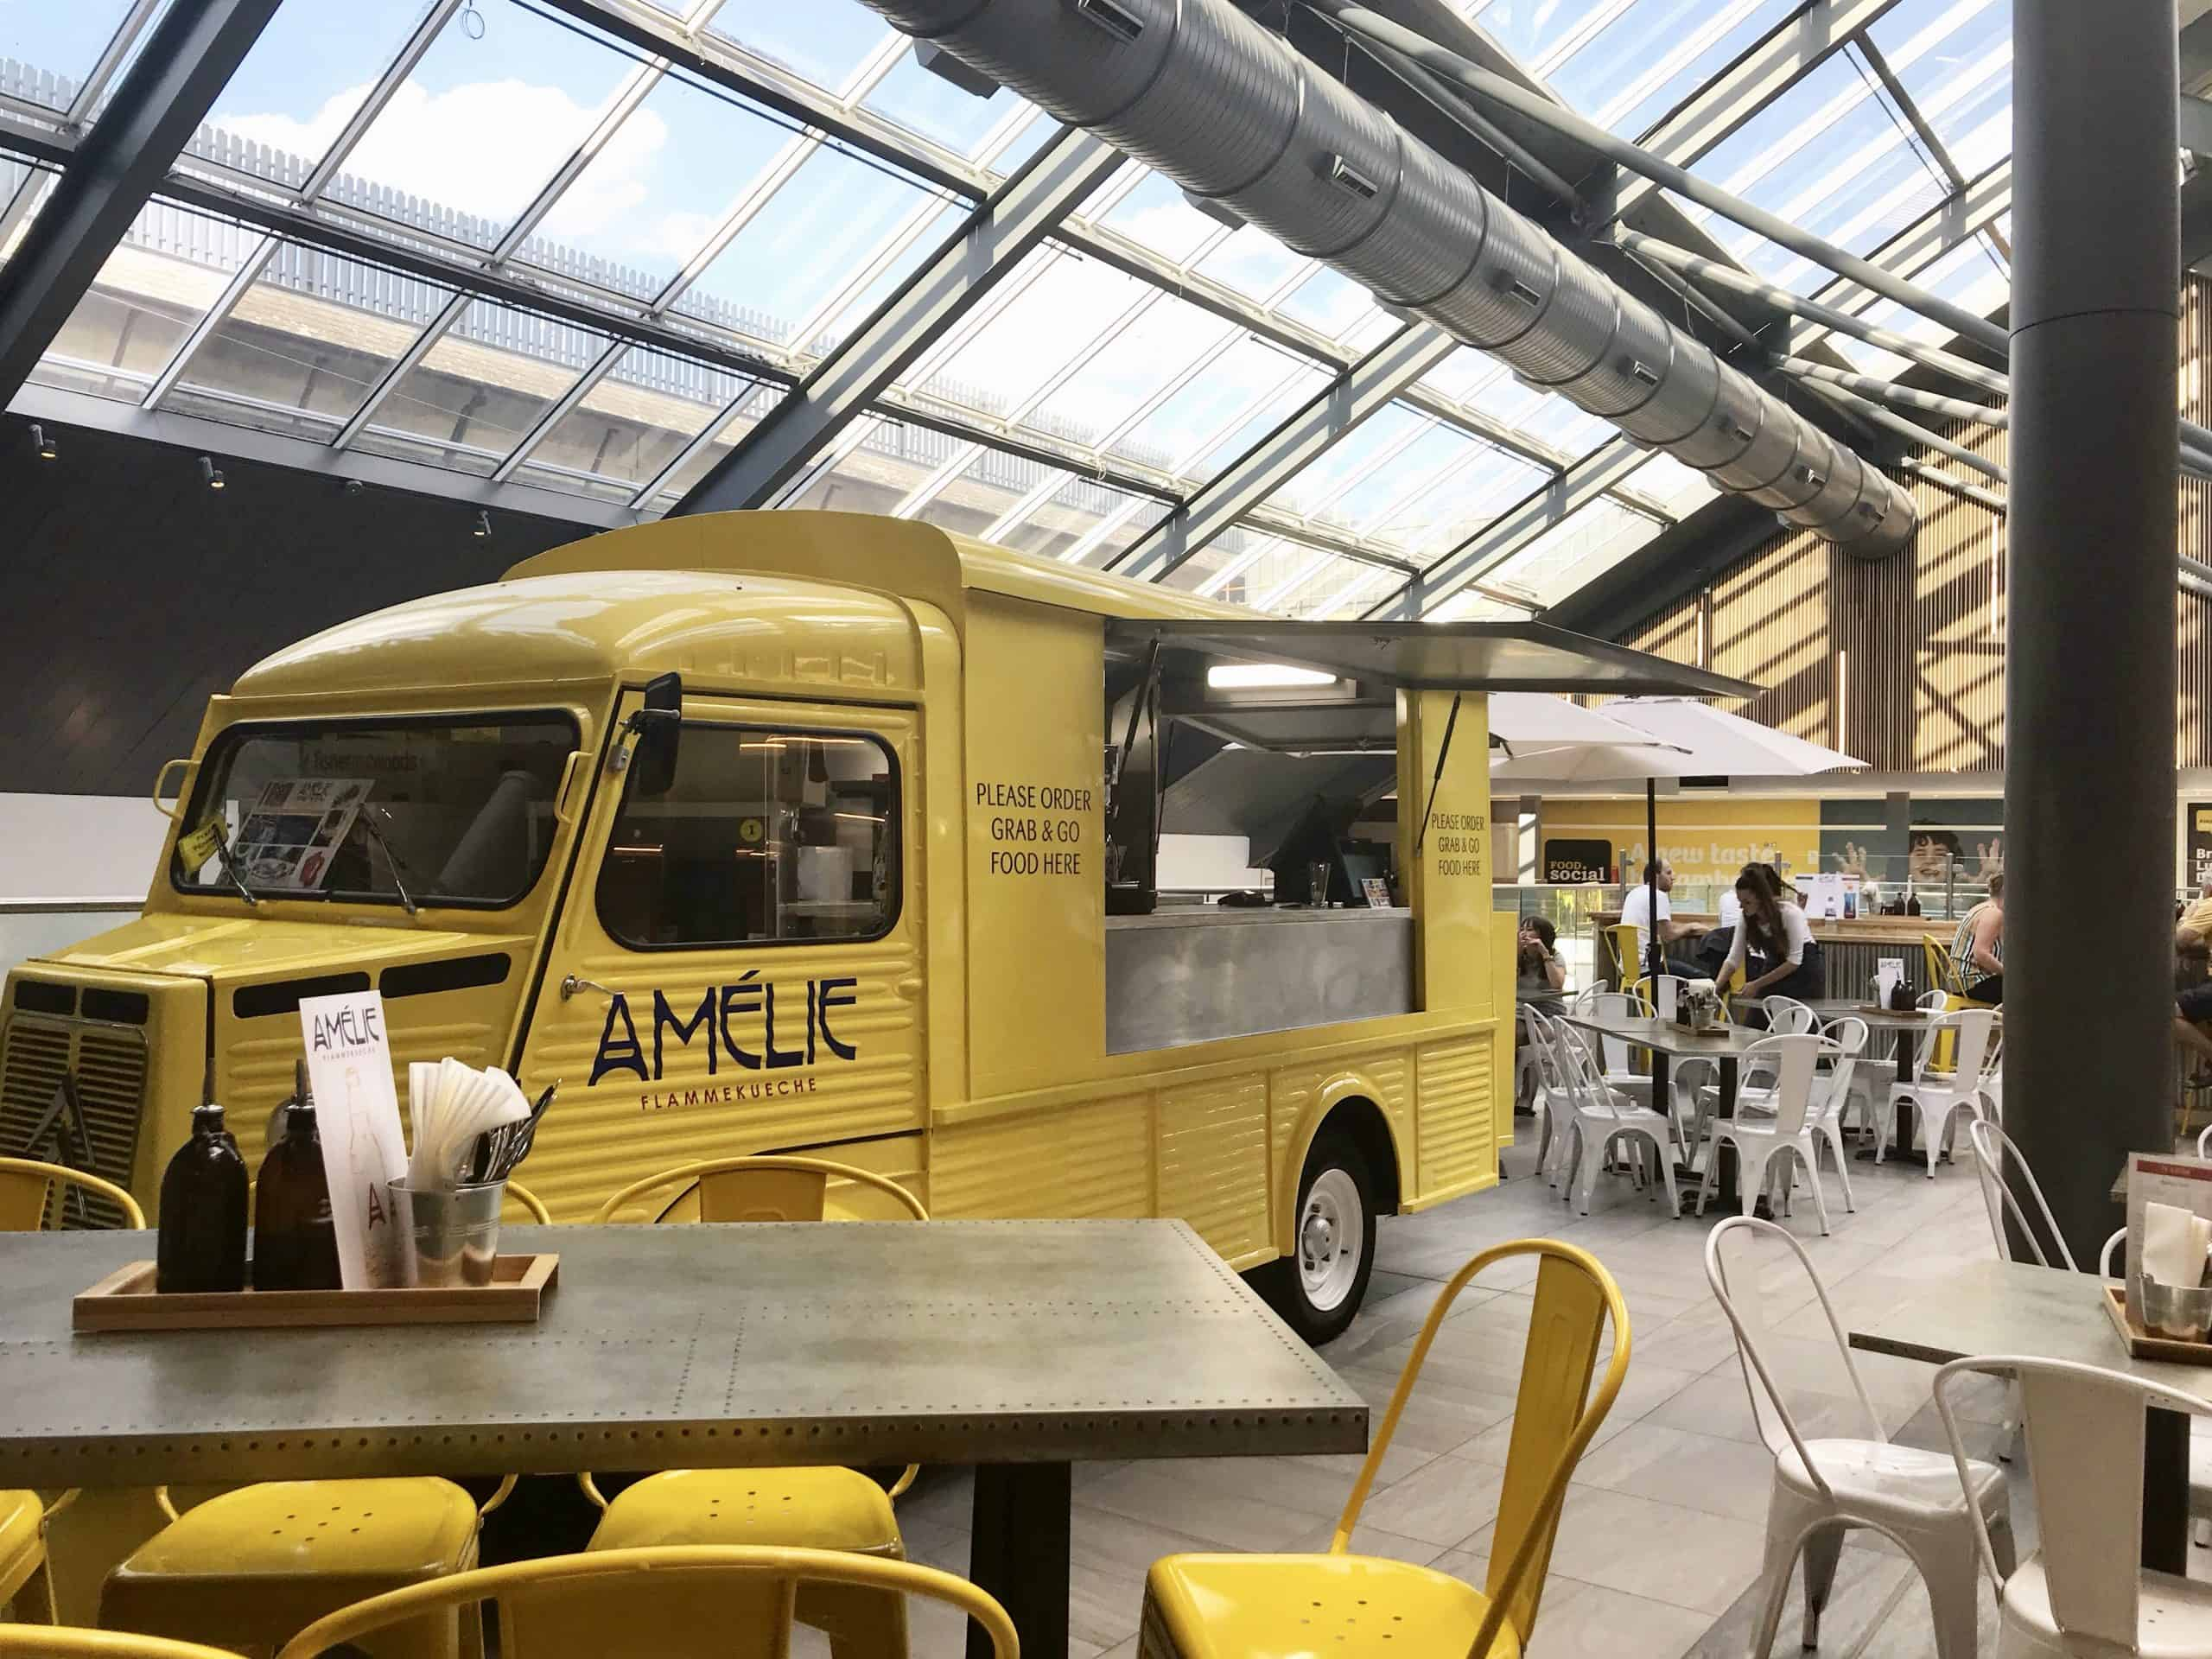 Améilie Flammekueche Café